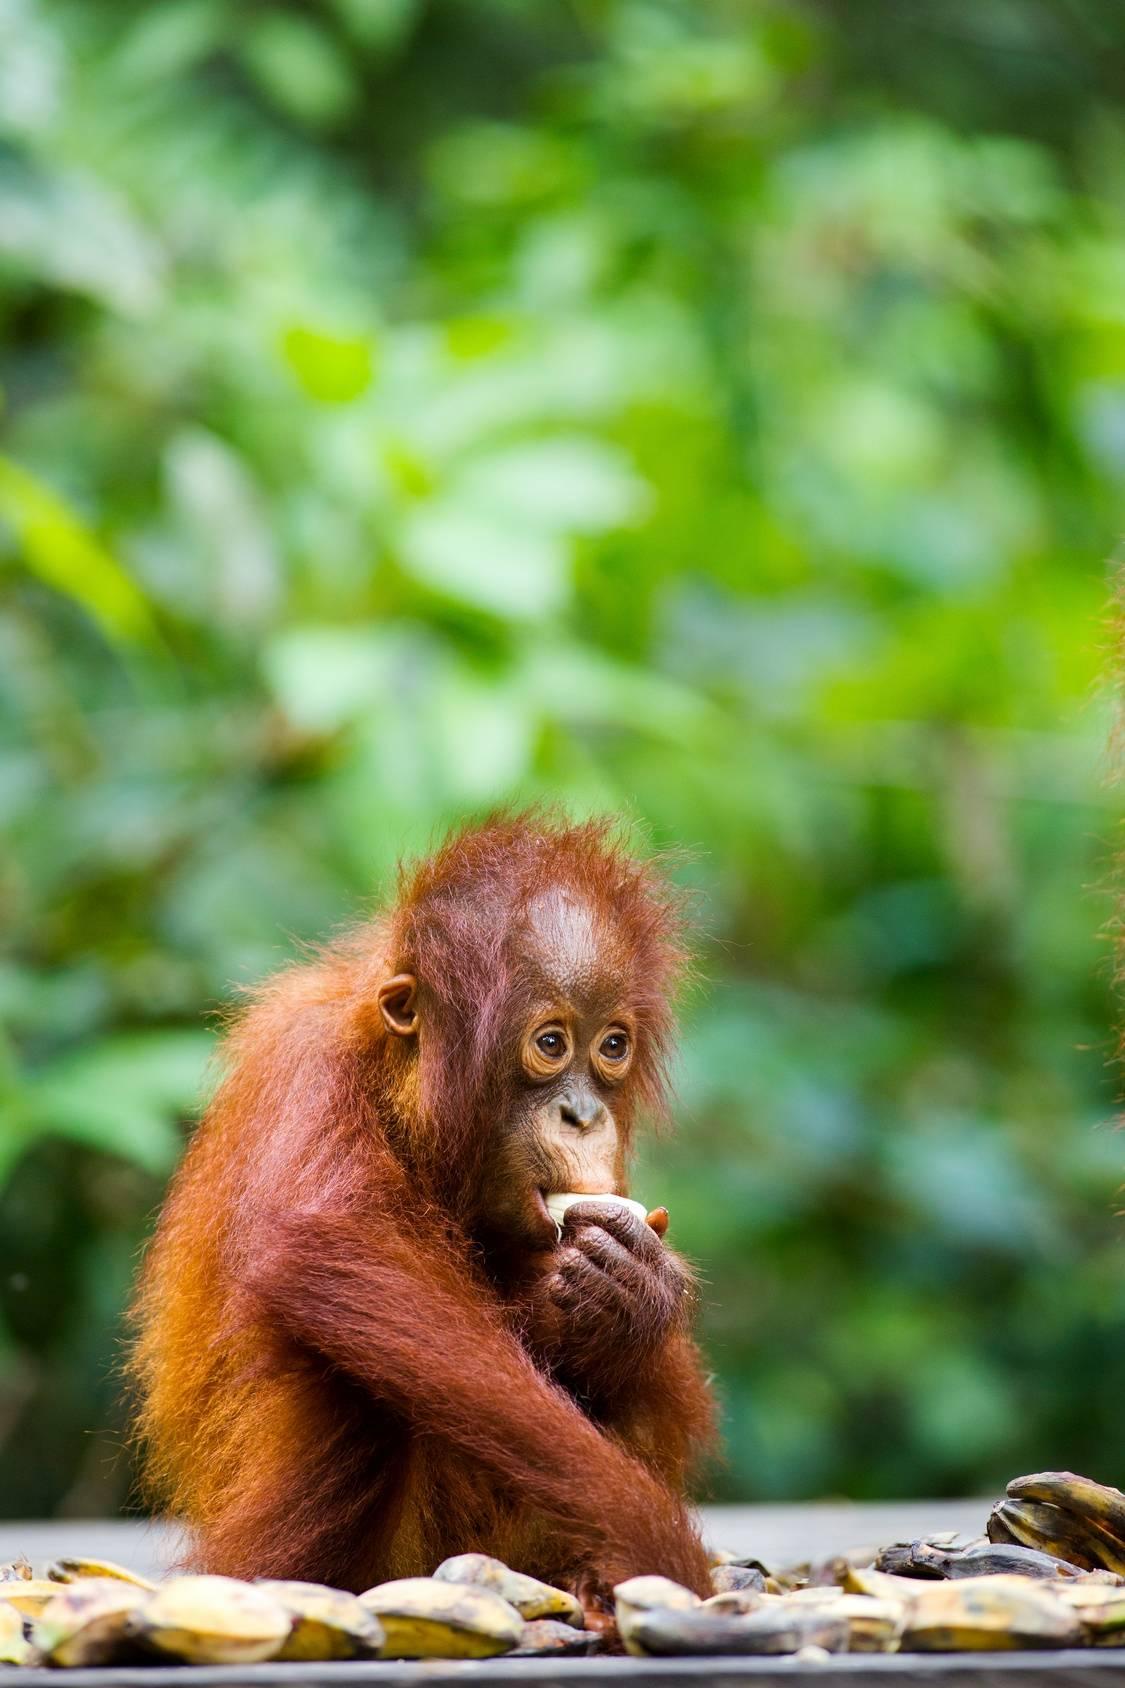 Mały orangutan je banana. Szkodliwość oleju palmowego.